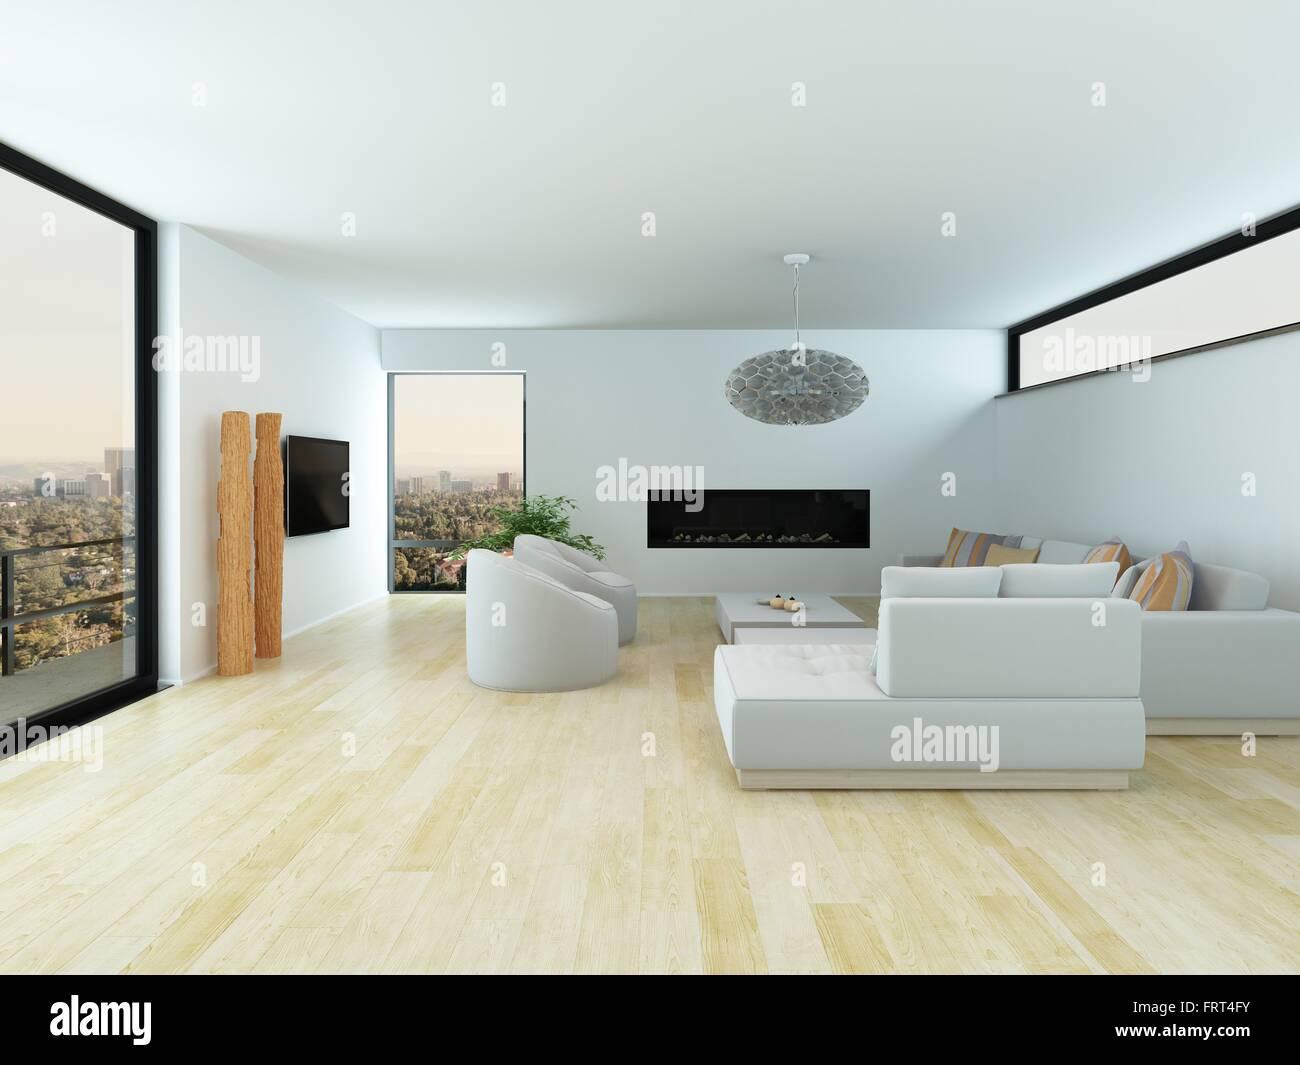 moderne fenster im wohnzimmer : Moderne Wei E Wohnzimmer Interieur Mit Hellem Eichenparkett Wei E